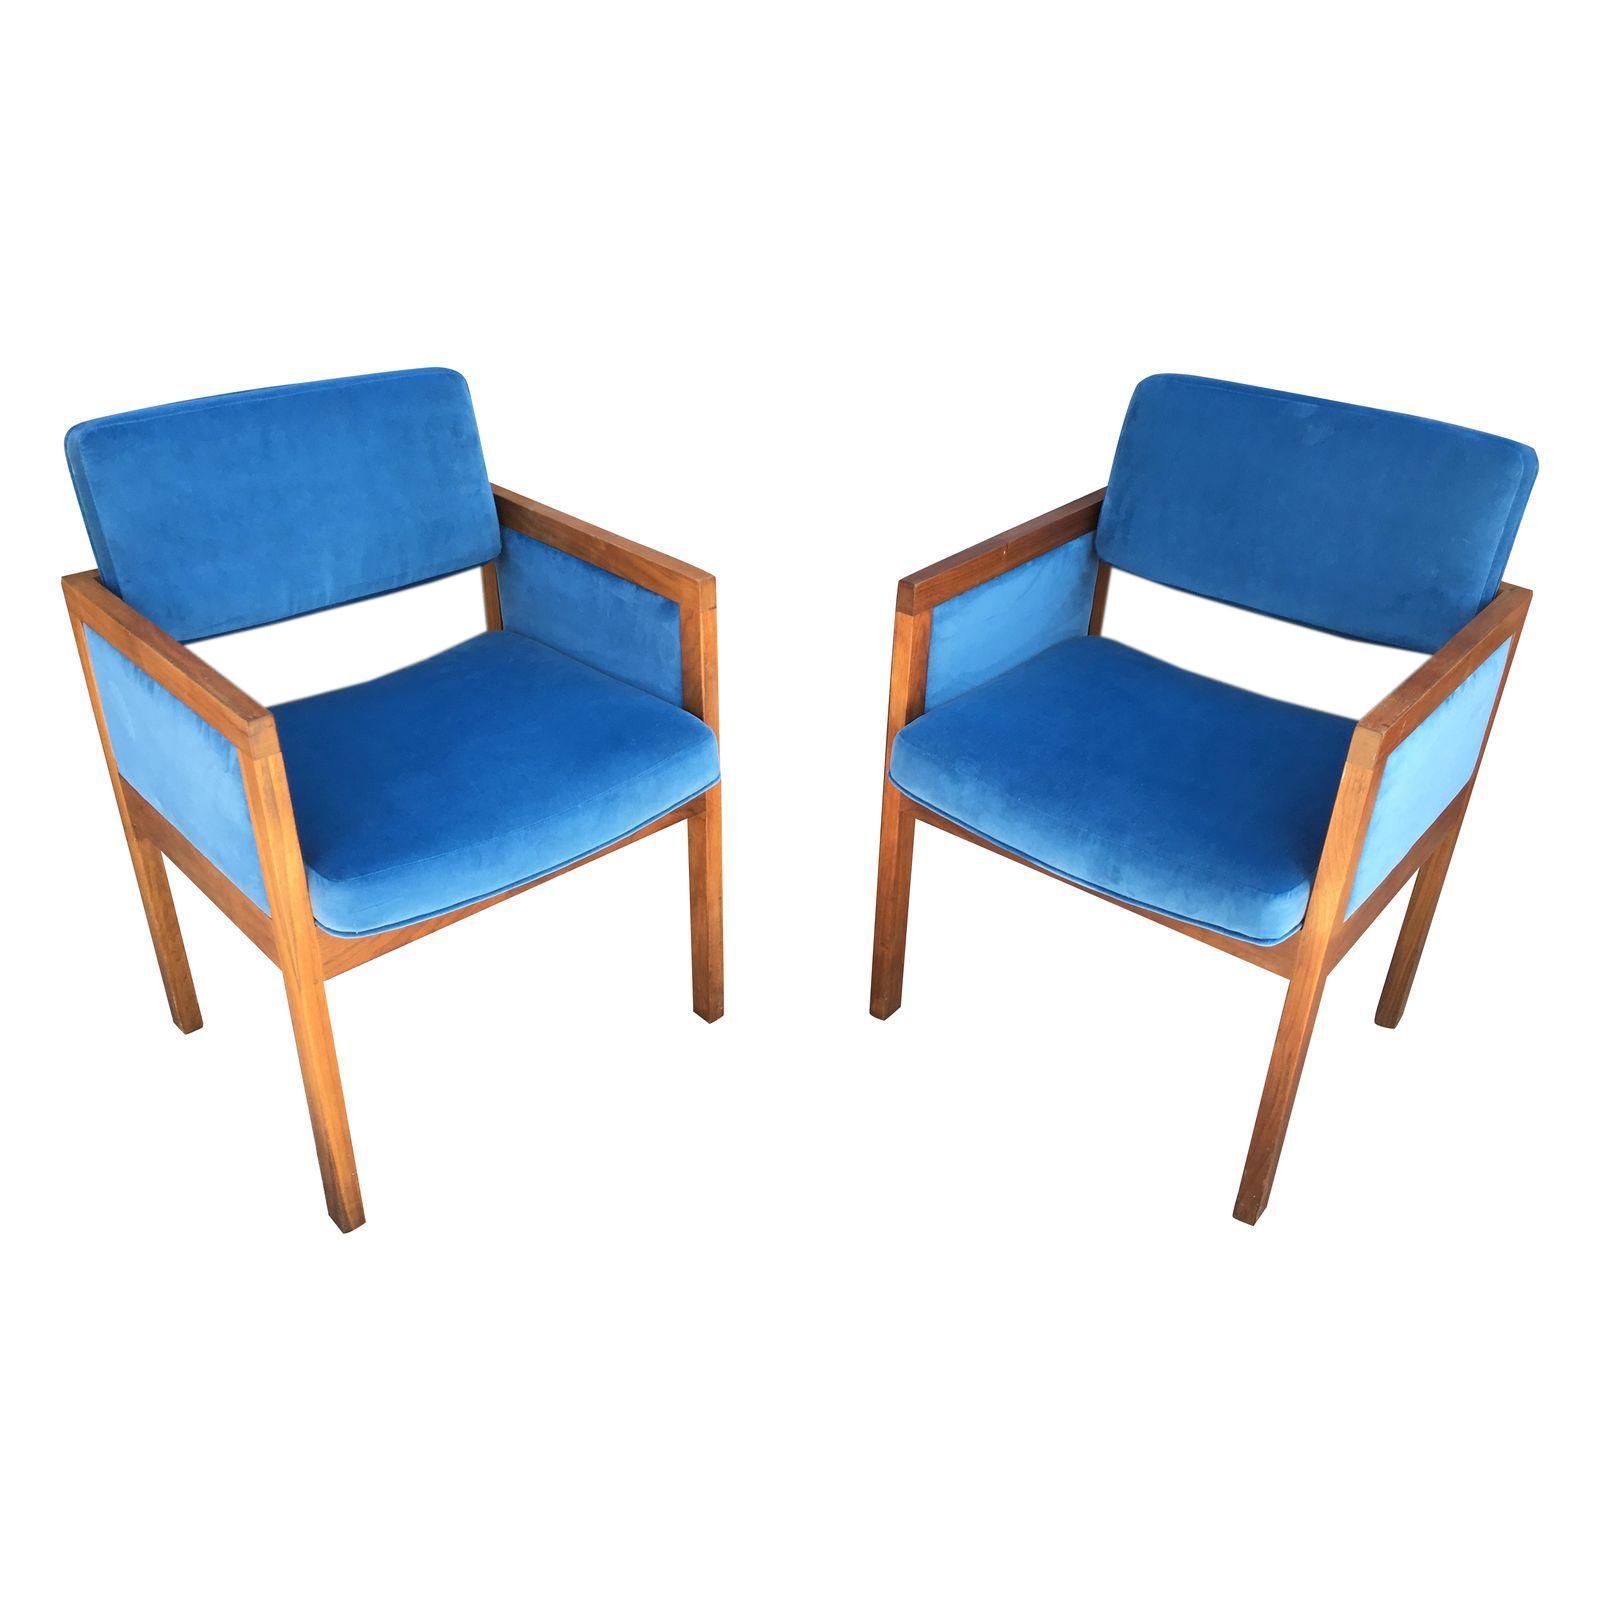 Robert John Walnut Frame Arm Chairs In Royal Blue Velvet